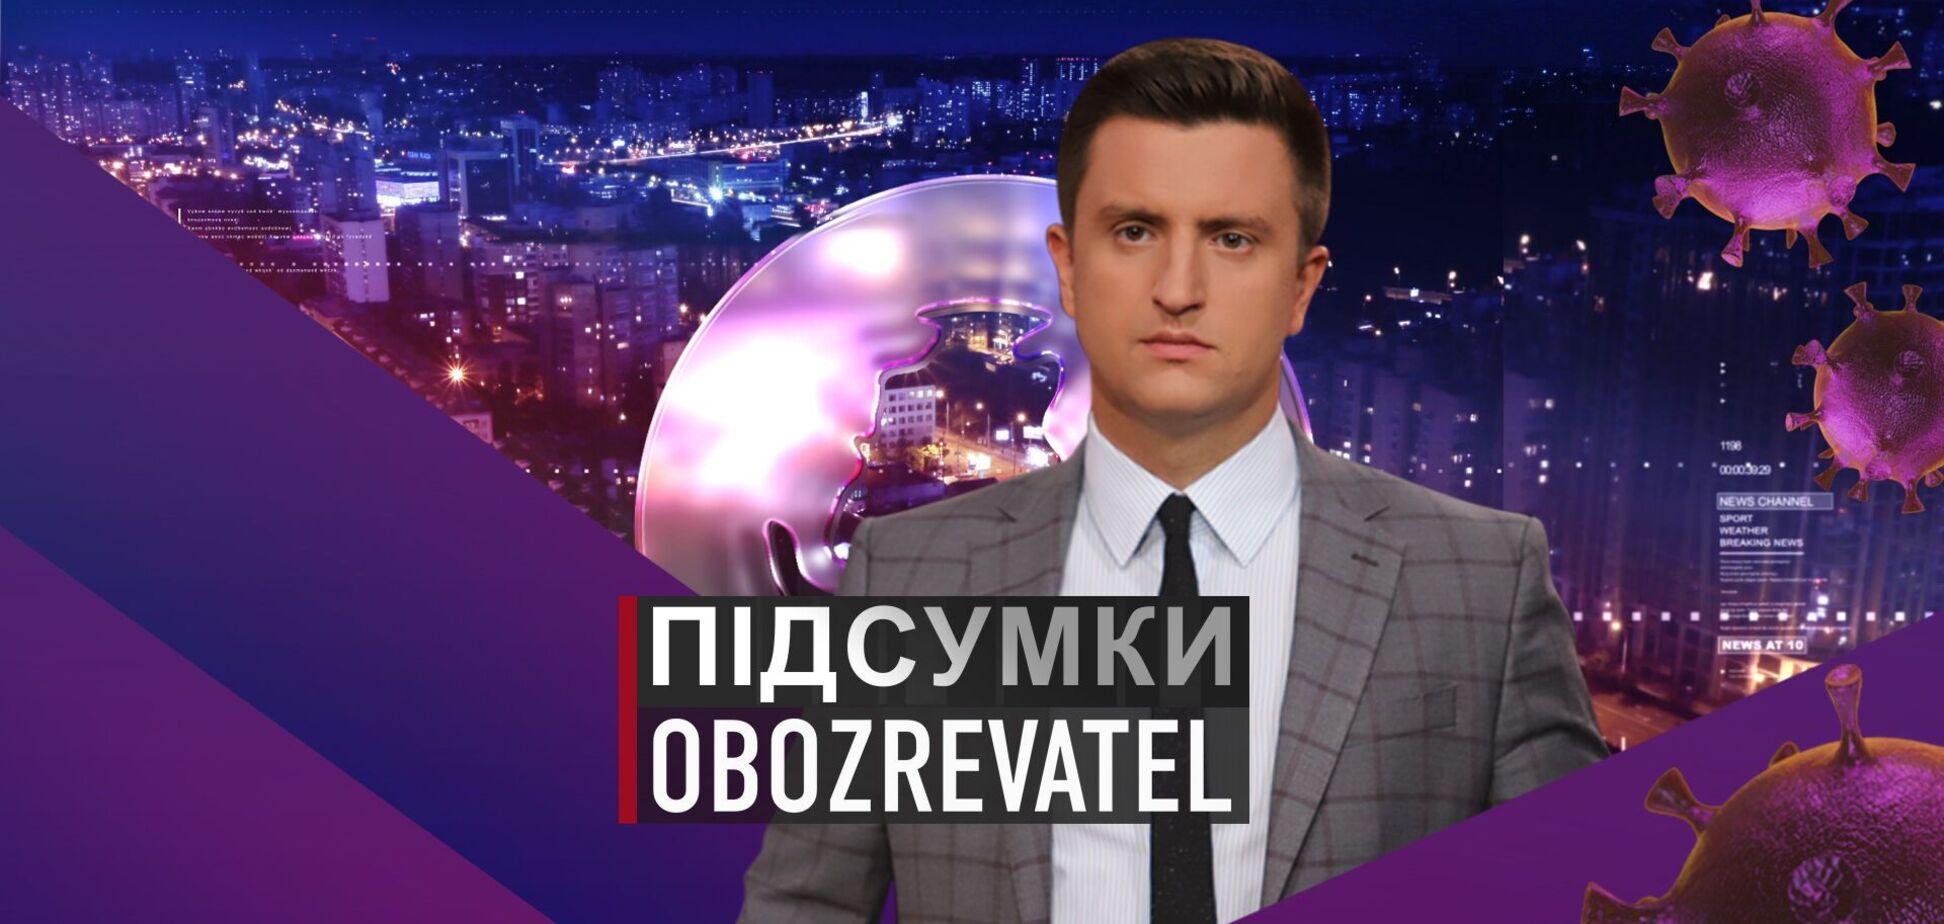 Підсумки с Вадимом Колодийчуком. Пятница, 5 марта